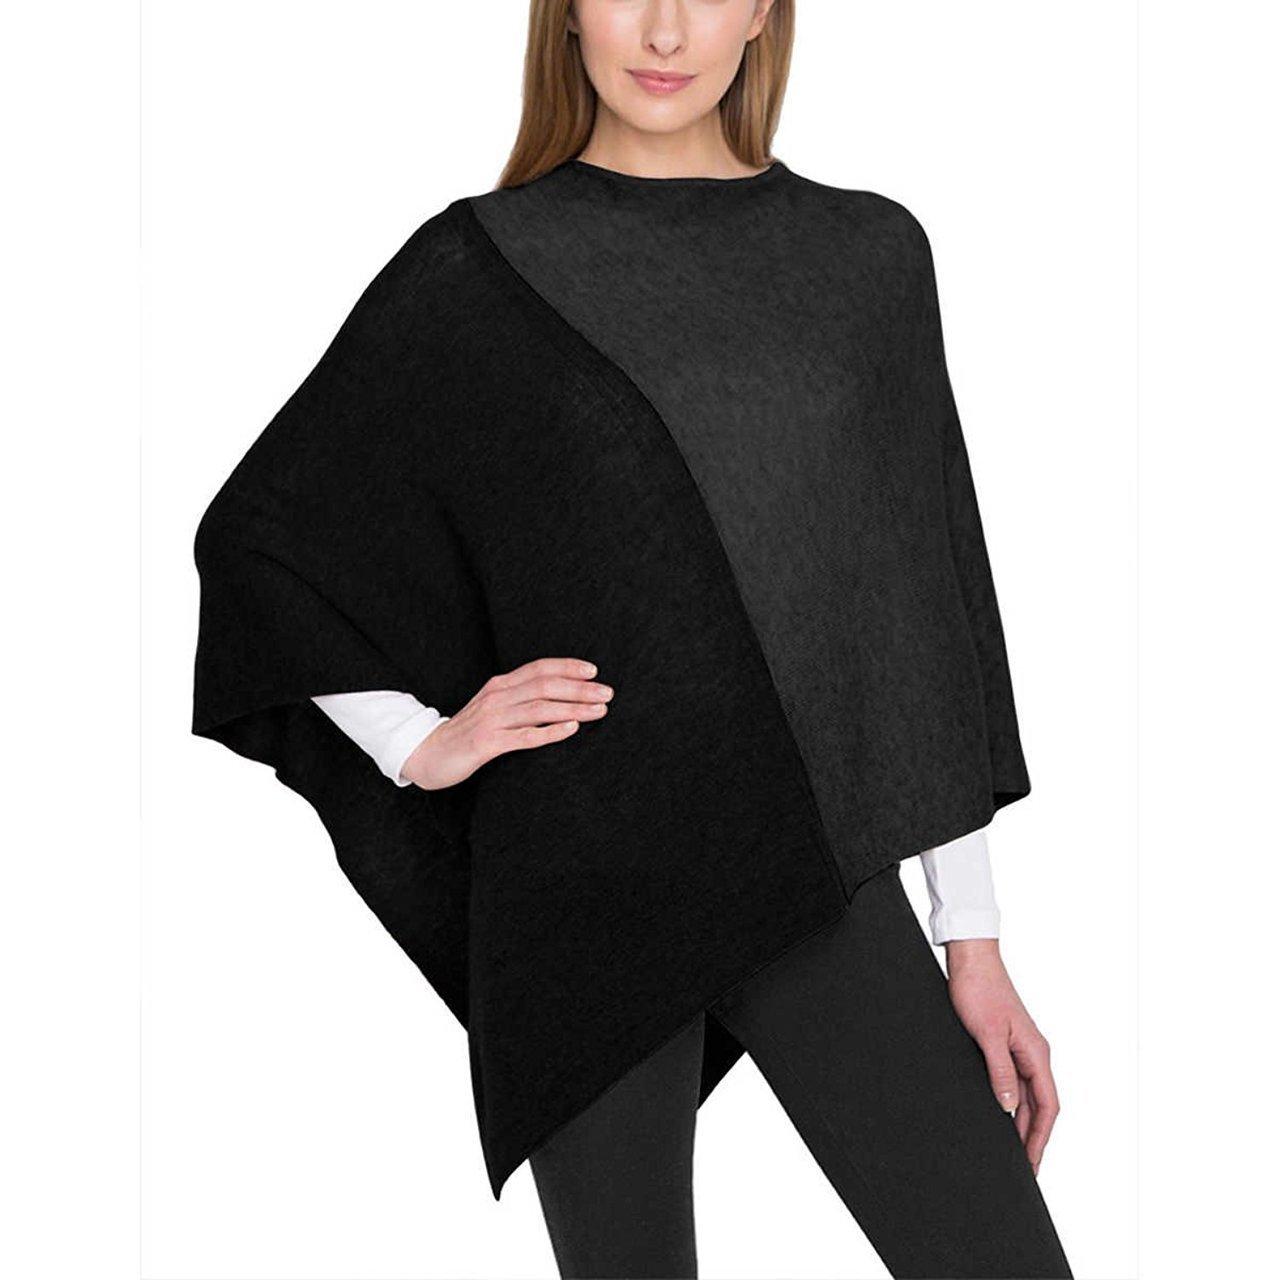 Celeste Ladies Colorblock Cashmere Blend Travel Wrap Poncho - Charcoal/Black